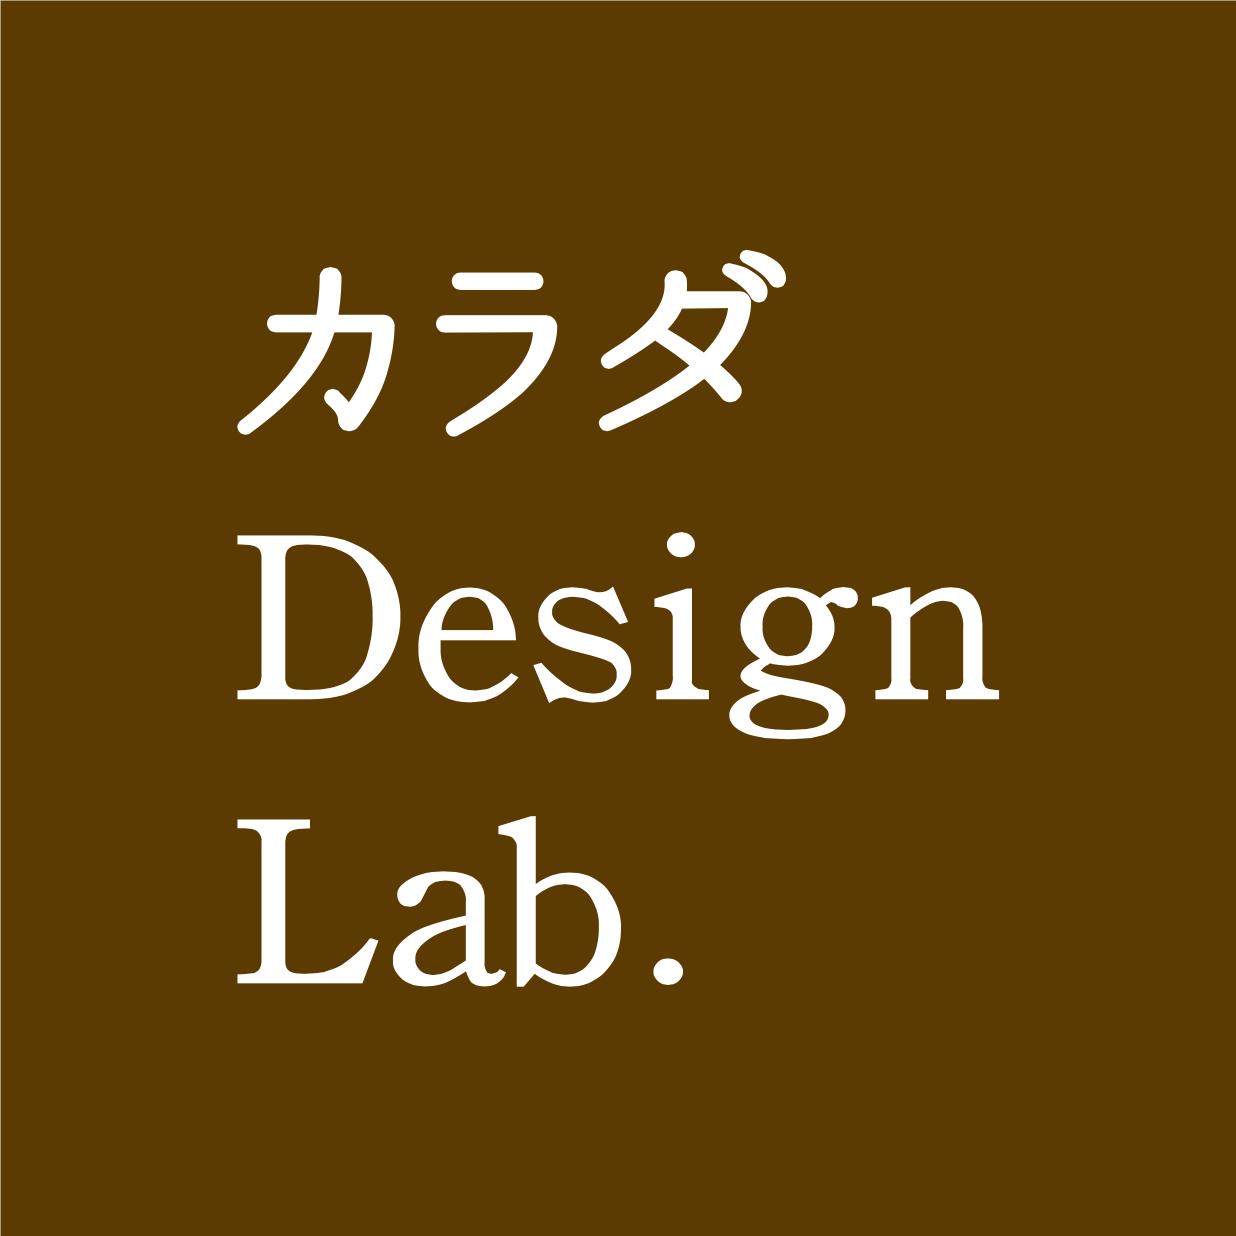 カラダ Design Lab. ロゴ